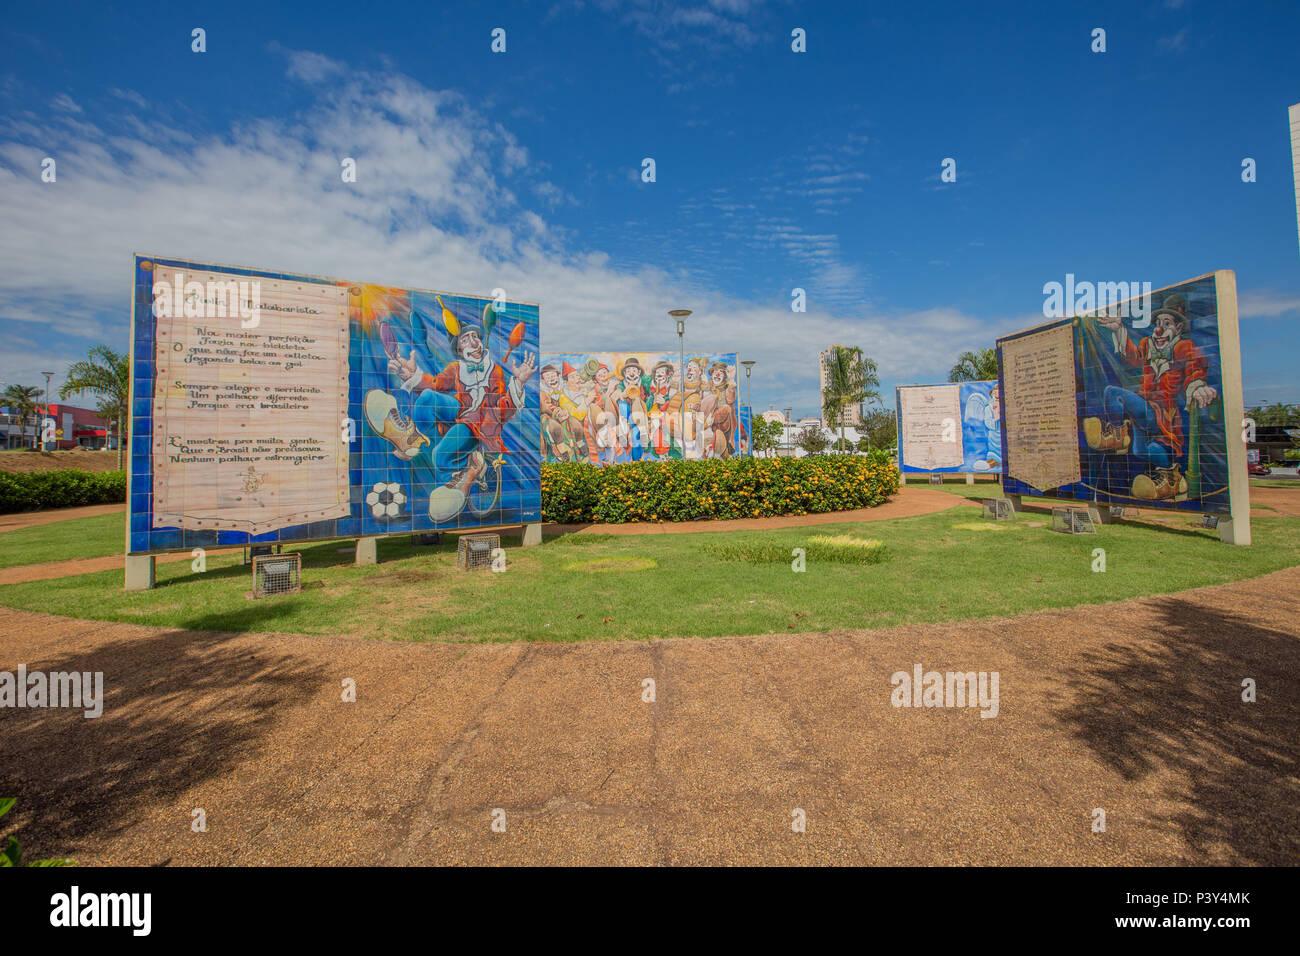 Vista da praça Jair Yanni, em Ribeirão Preto. A praça lev o nome da artista plástica e escritora Jair Yanni, falecida em 2012, e ainda homenageia um dos maiores palhaços do Brasil, Abelardo Pinto, o famoso Piolin. Foto Stock